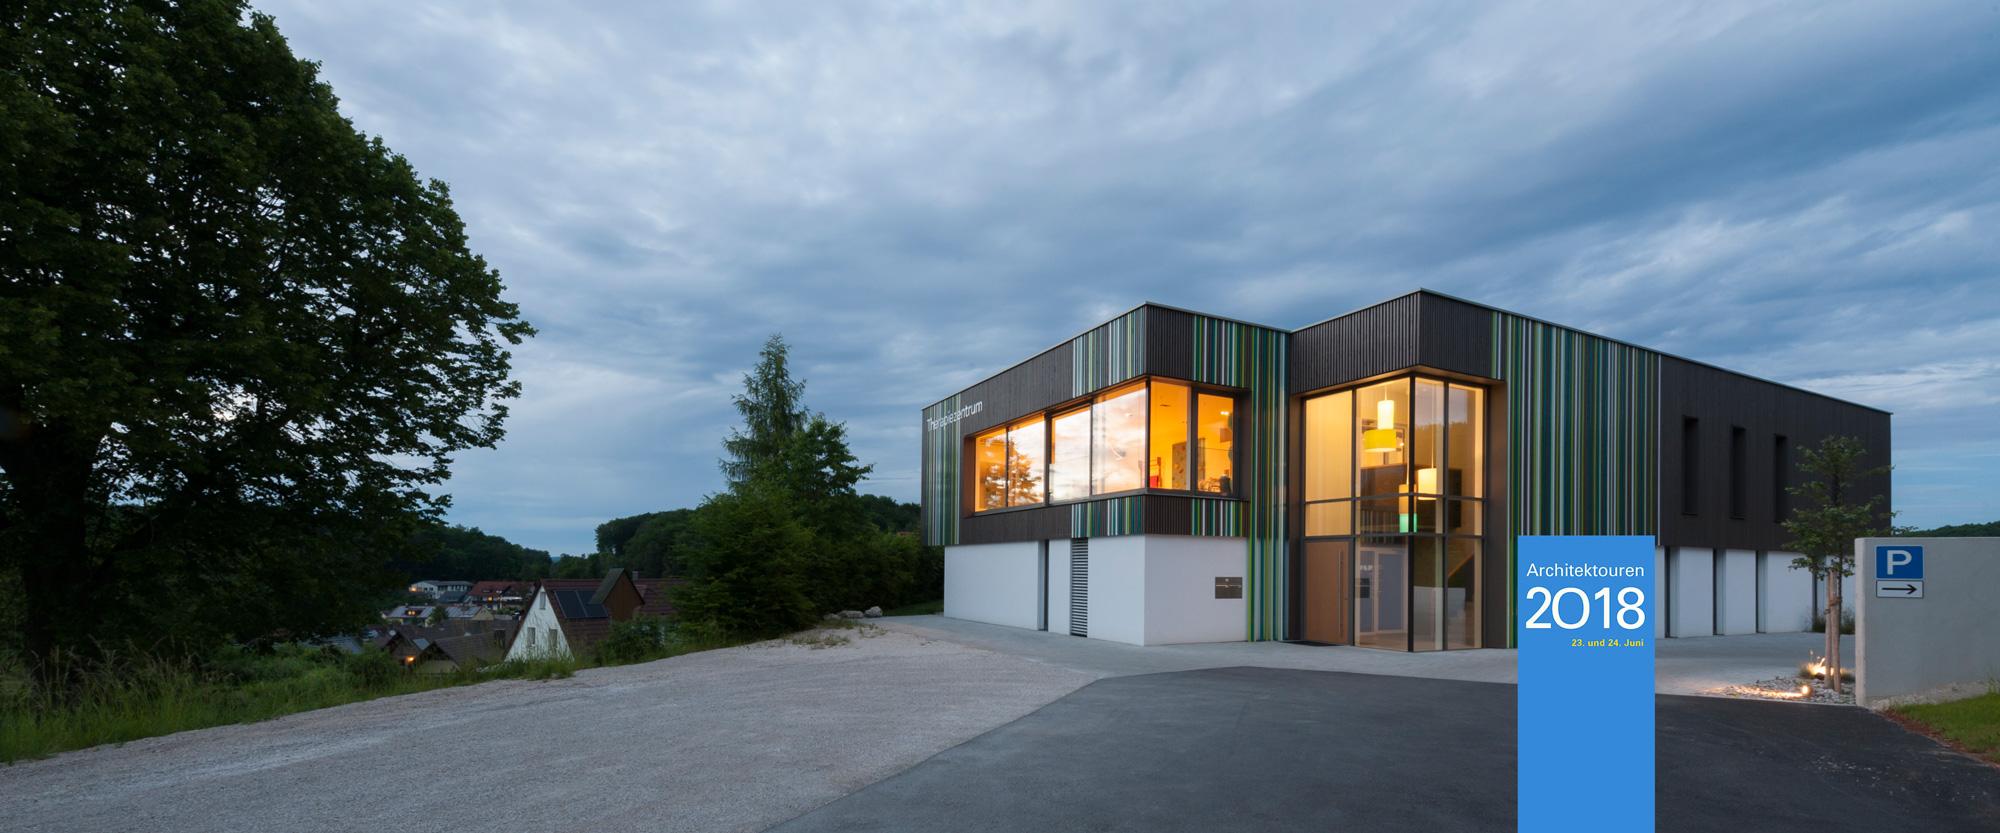 Therapiezentrum Gößweinstein